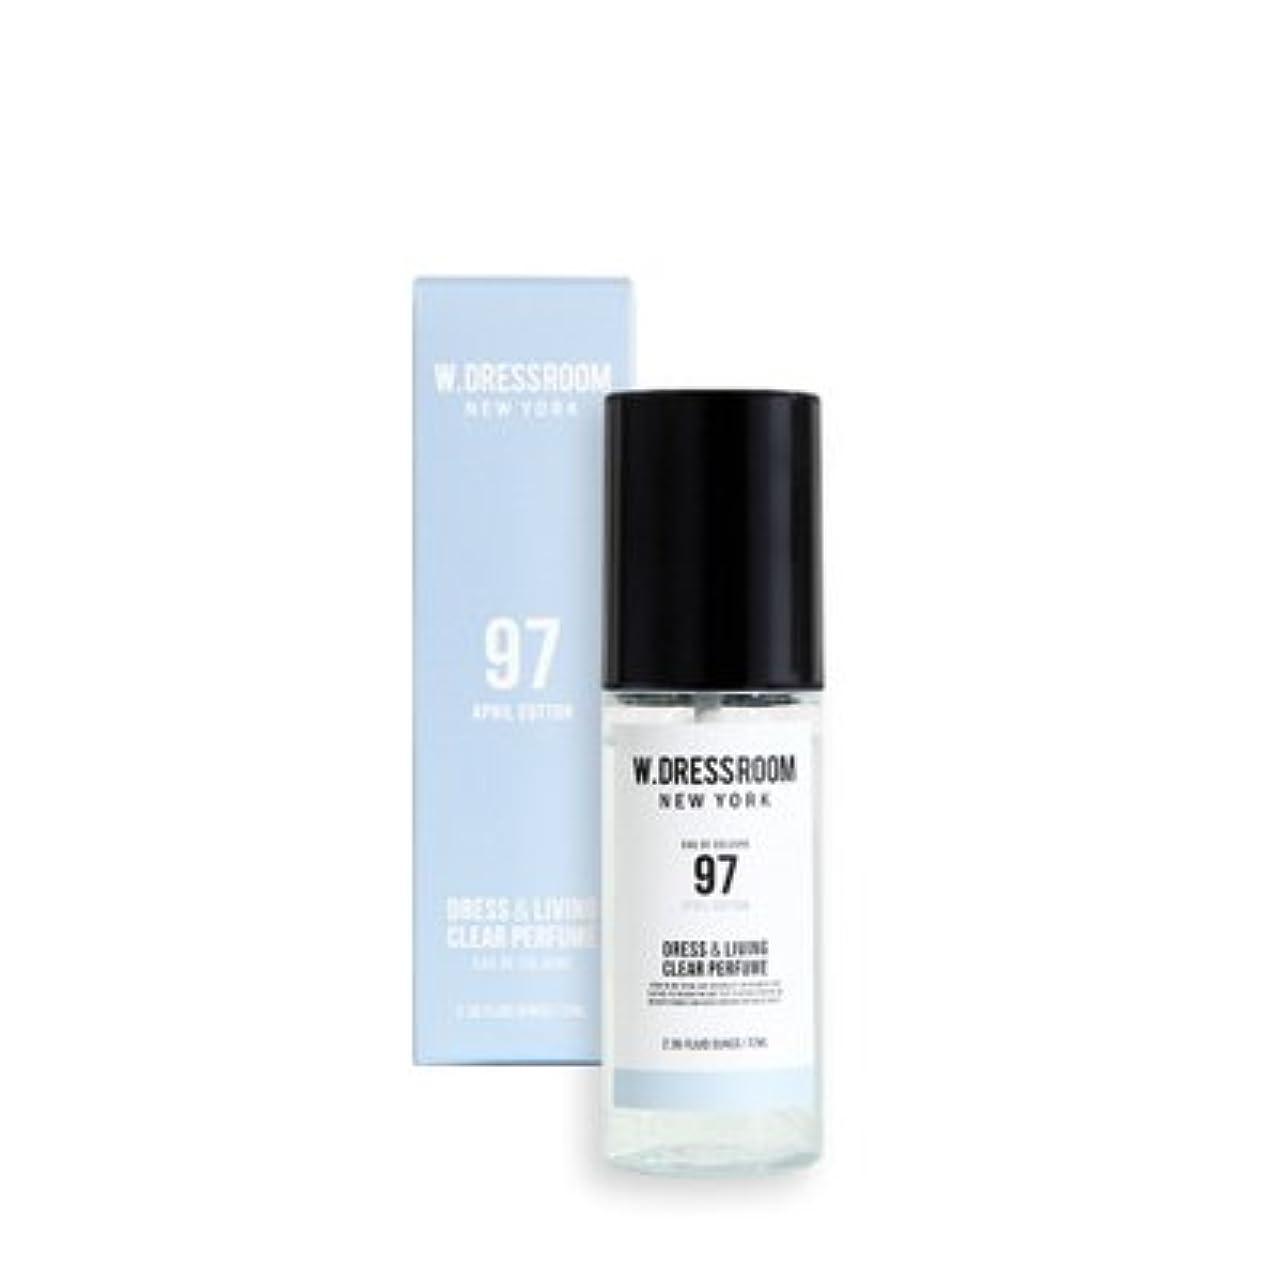 ランドリー聴く部【国内発送】【W.DRESSROOM】ダブルドレスルーム ドレス&リビング クリア パフューム 70ml / W.DRESSROOM Dress Living Clear Perfume 70ml (#No.97 April Cotton)